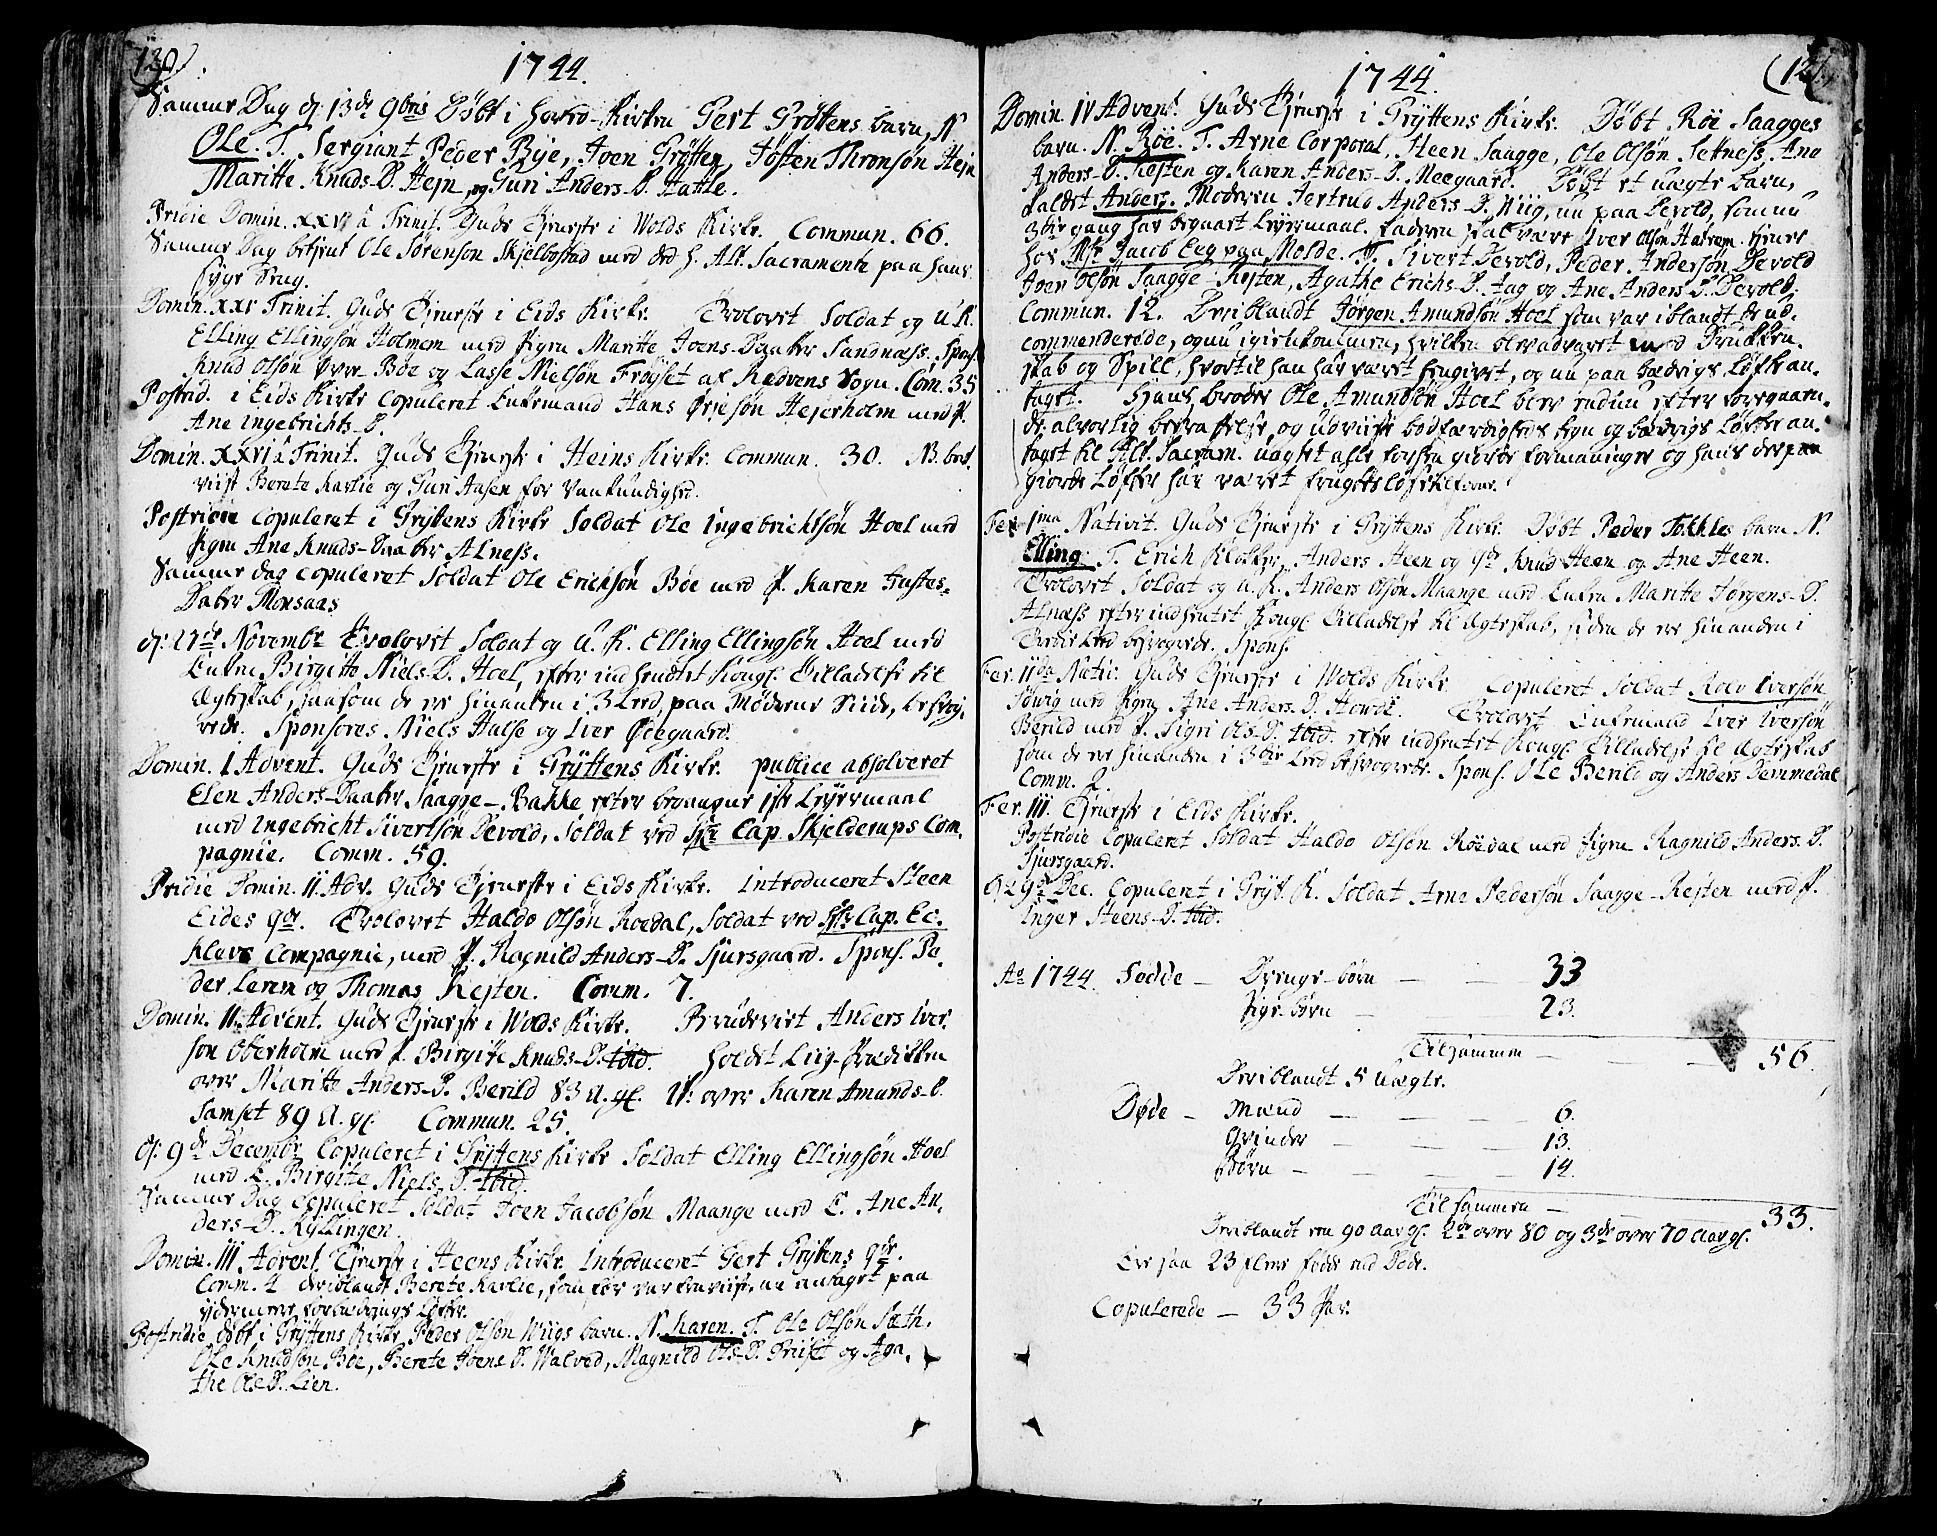 SAT, Ministerialprotokoller, klokkerbøker og fødselsregistre - Møre og Romsdal, 544/L0568: Ministerialbok nr. 544A01, 1725-1763, s. 120-121